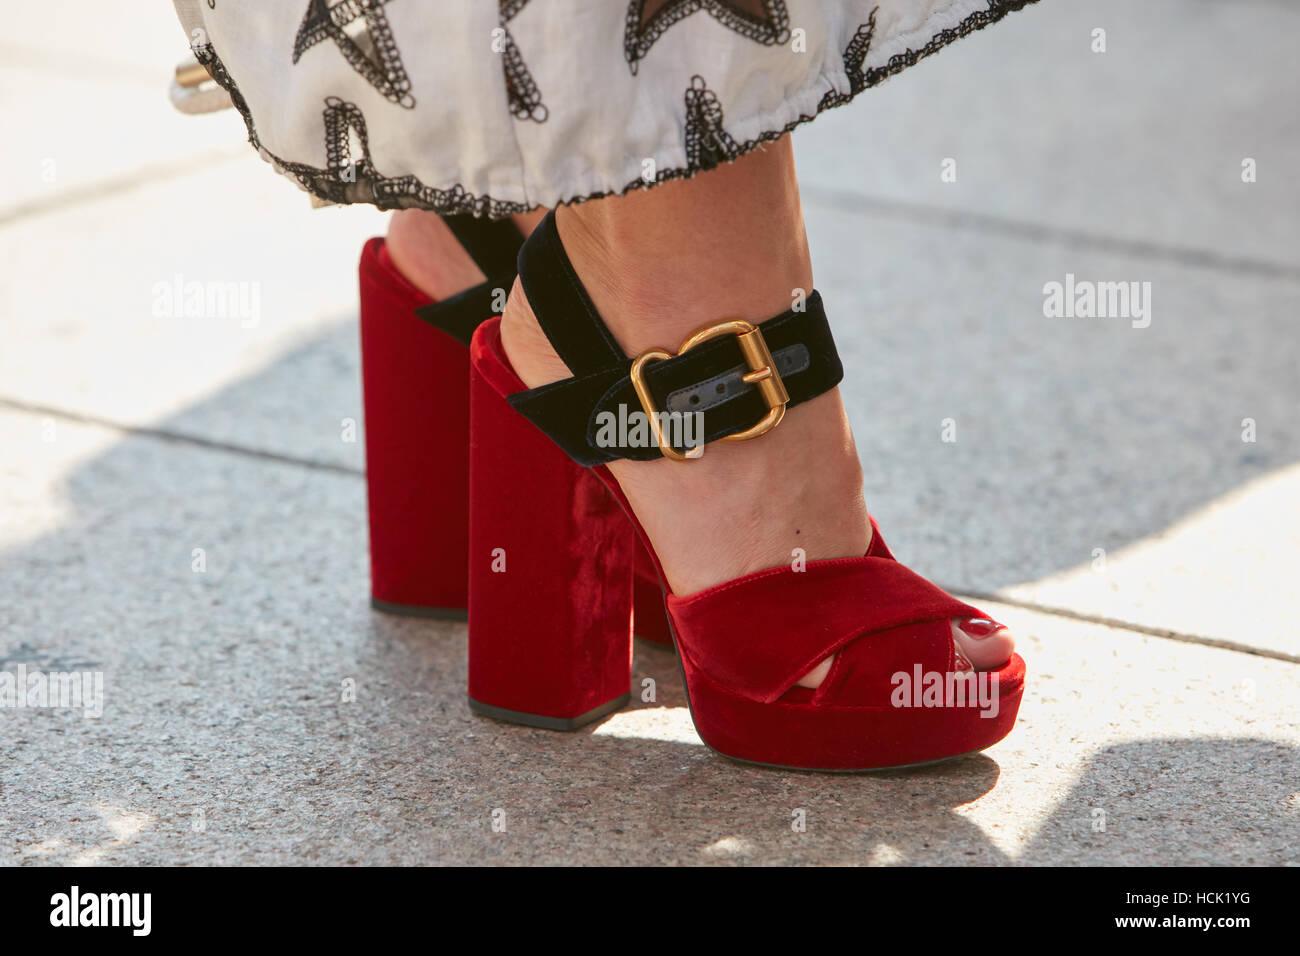 Femme avec talons hauts chaussures avant de velours rouge Stella jean fashion  show, Milan Fashion 99f295978fe